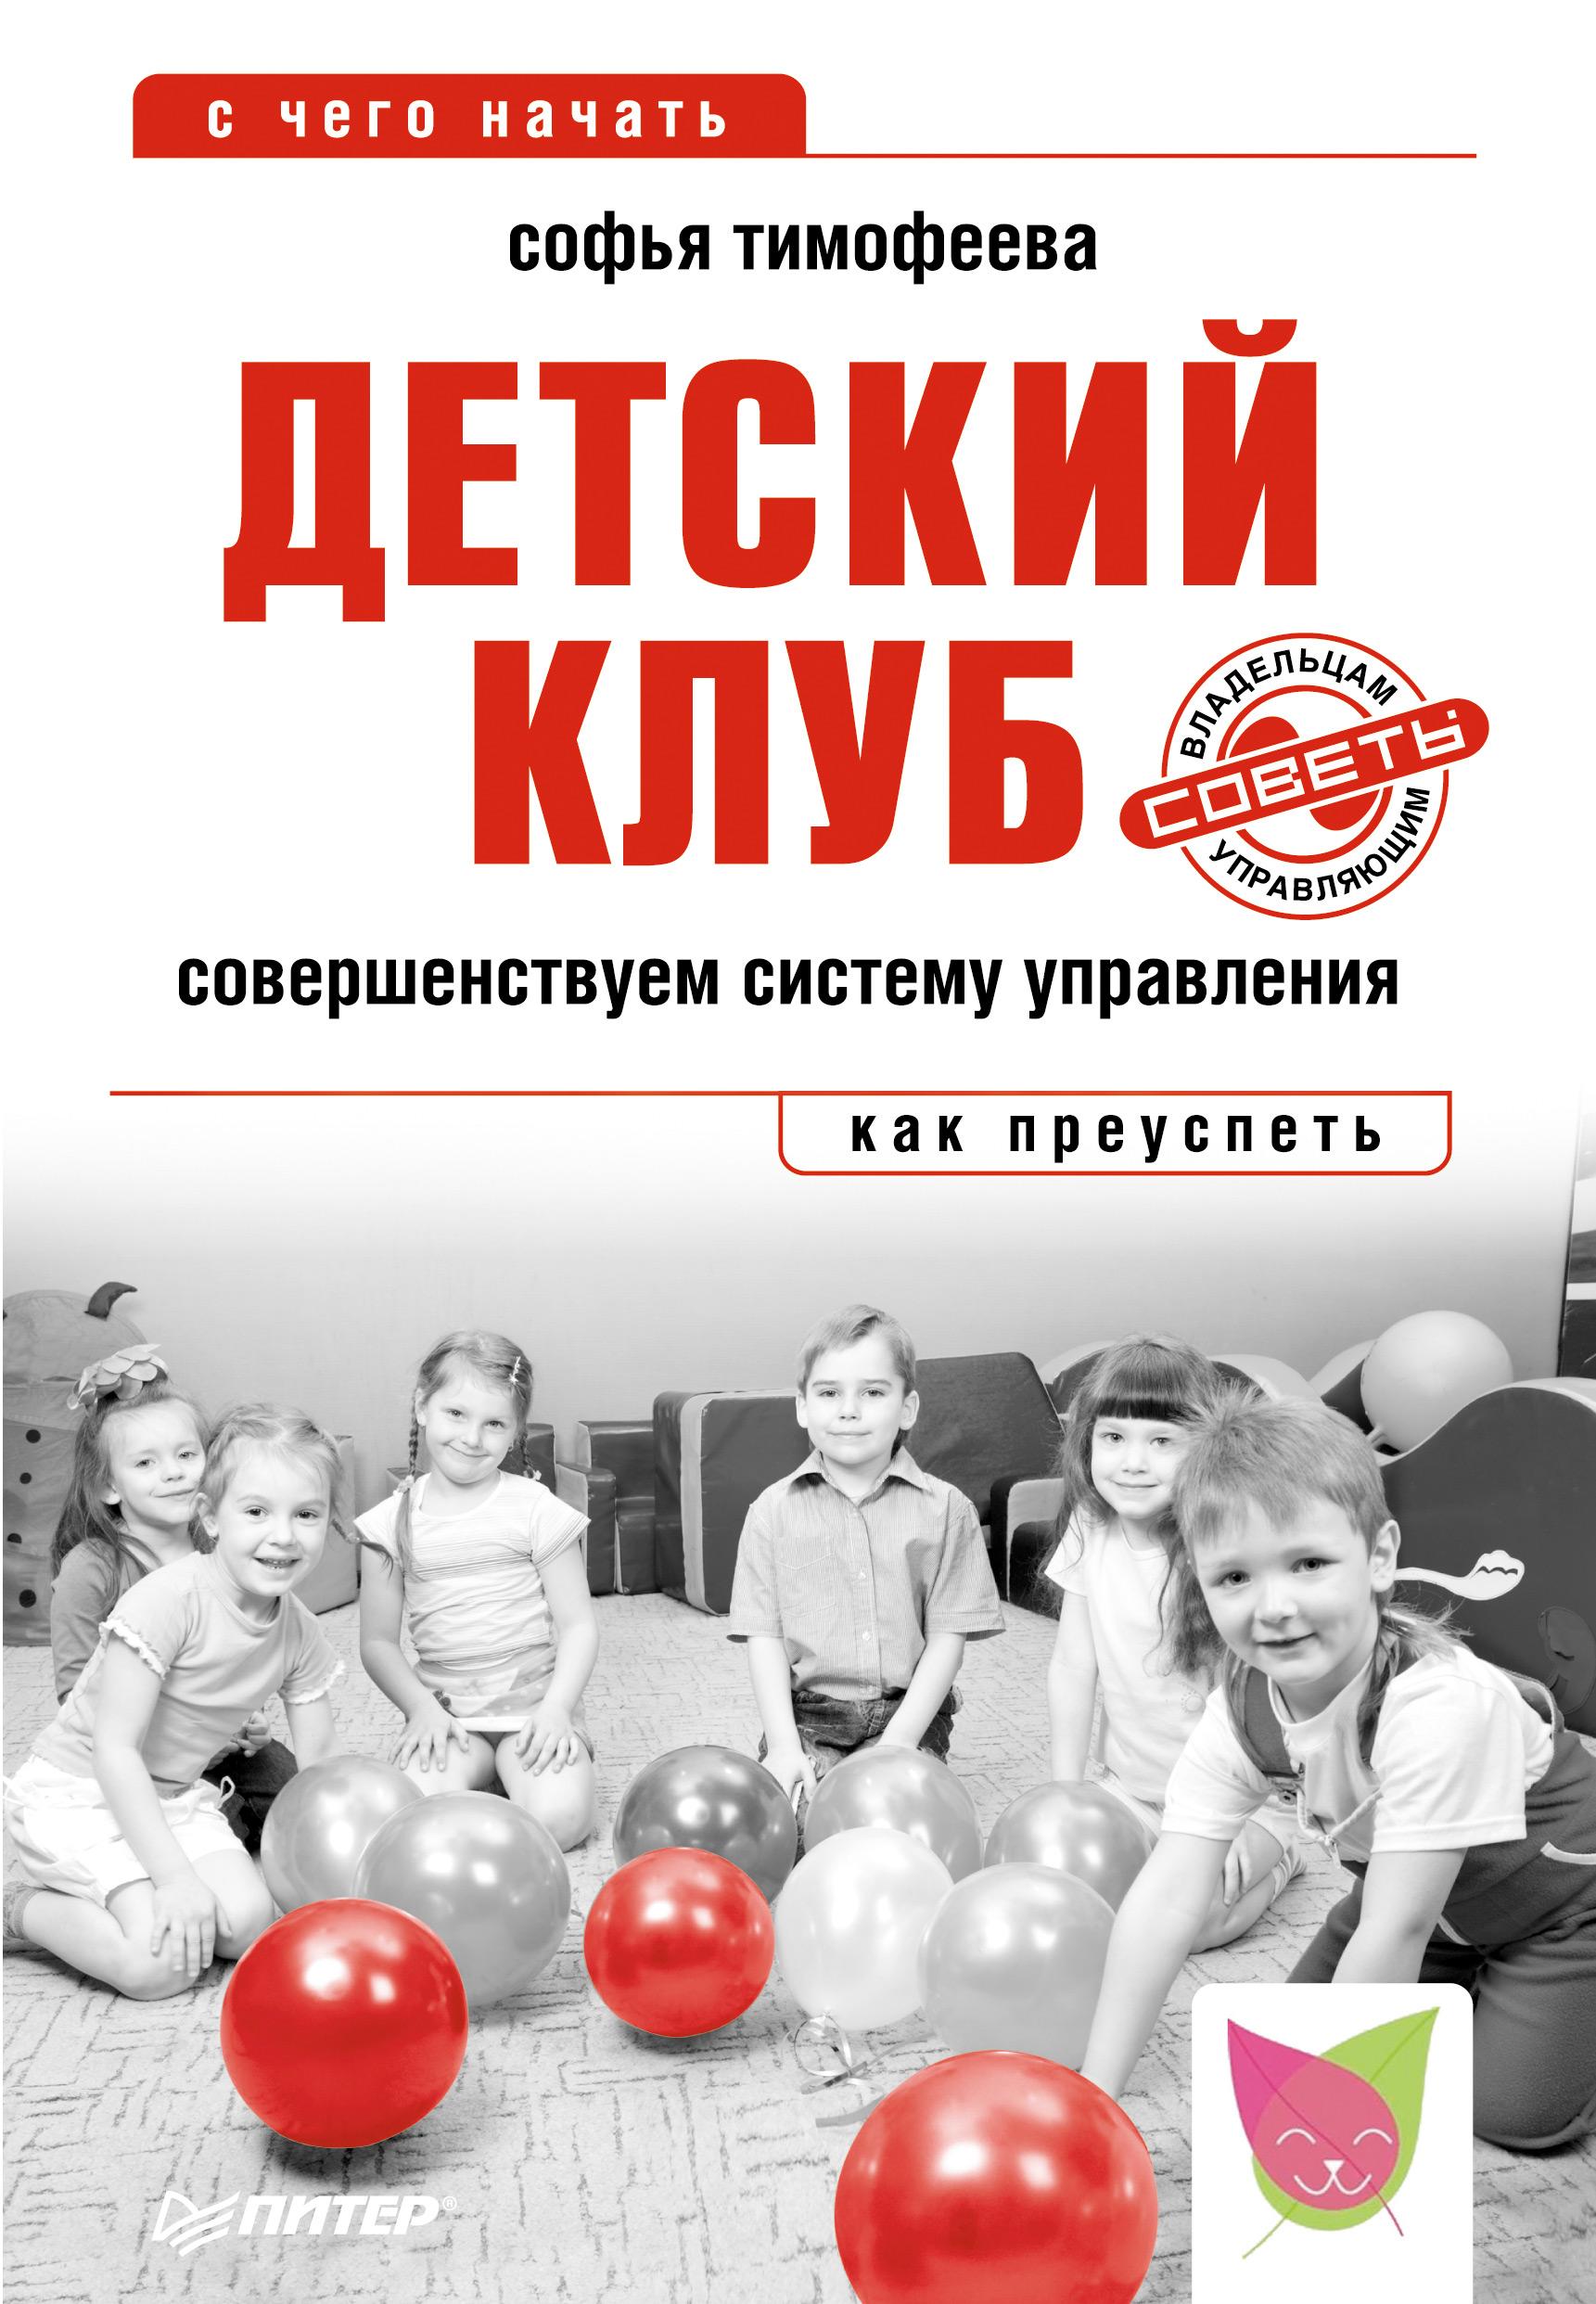 Обложка книги. Автор - Софья Тимофеева